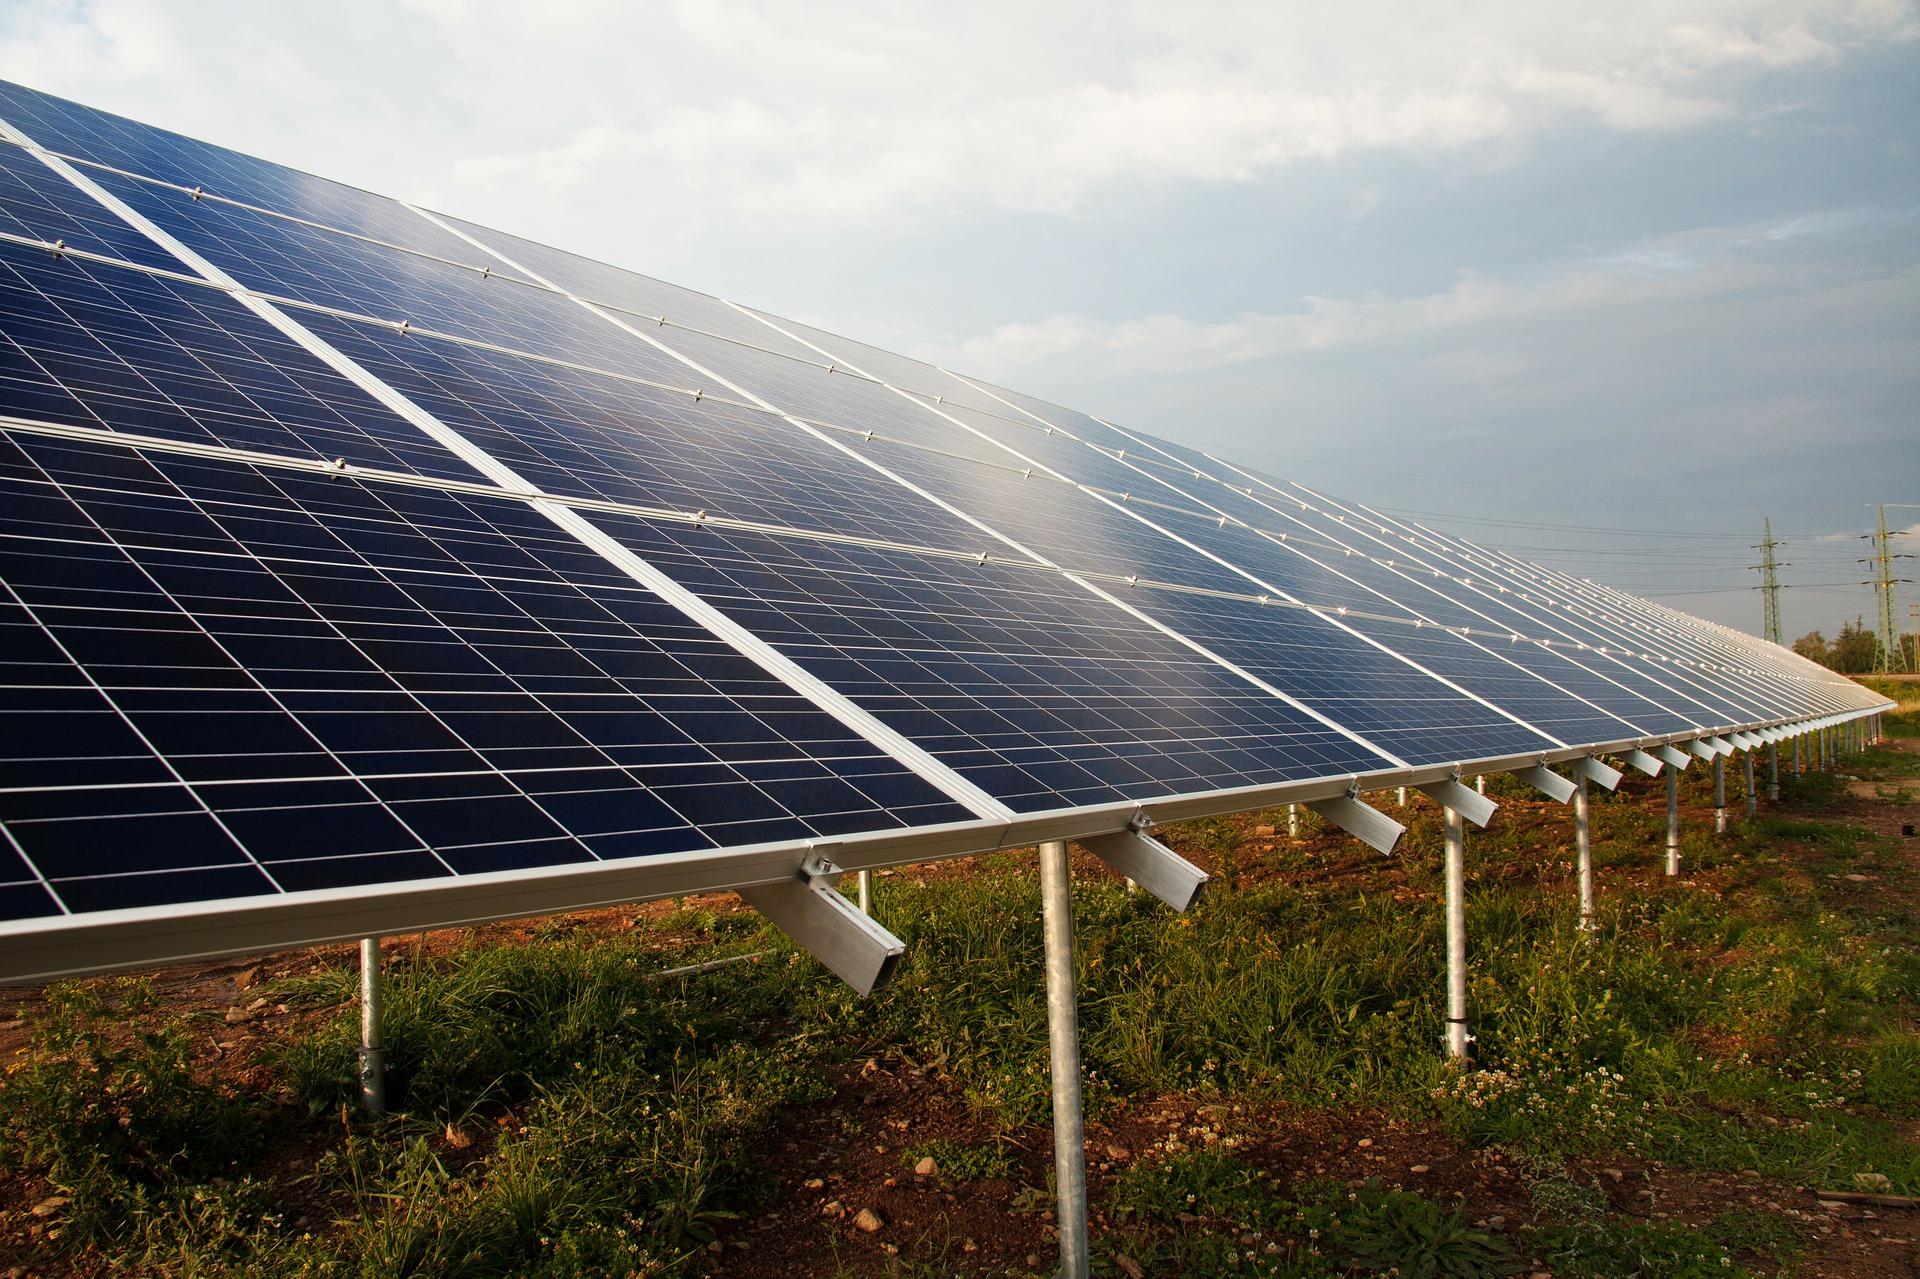 Solar panels. Photo: Pixabay.